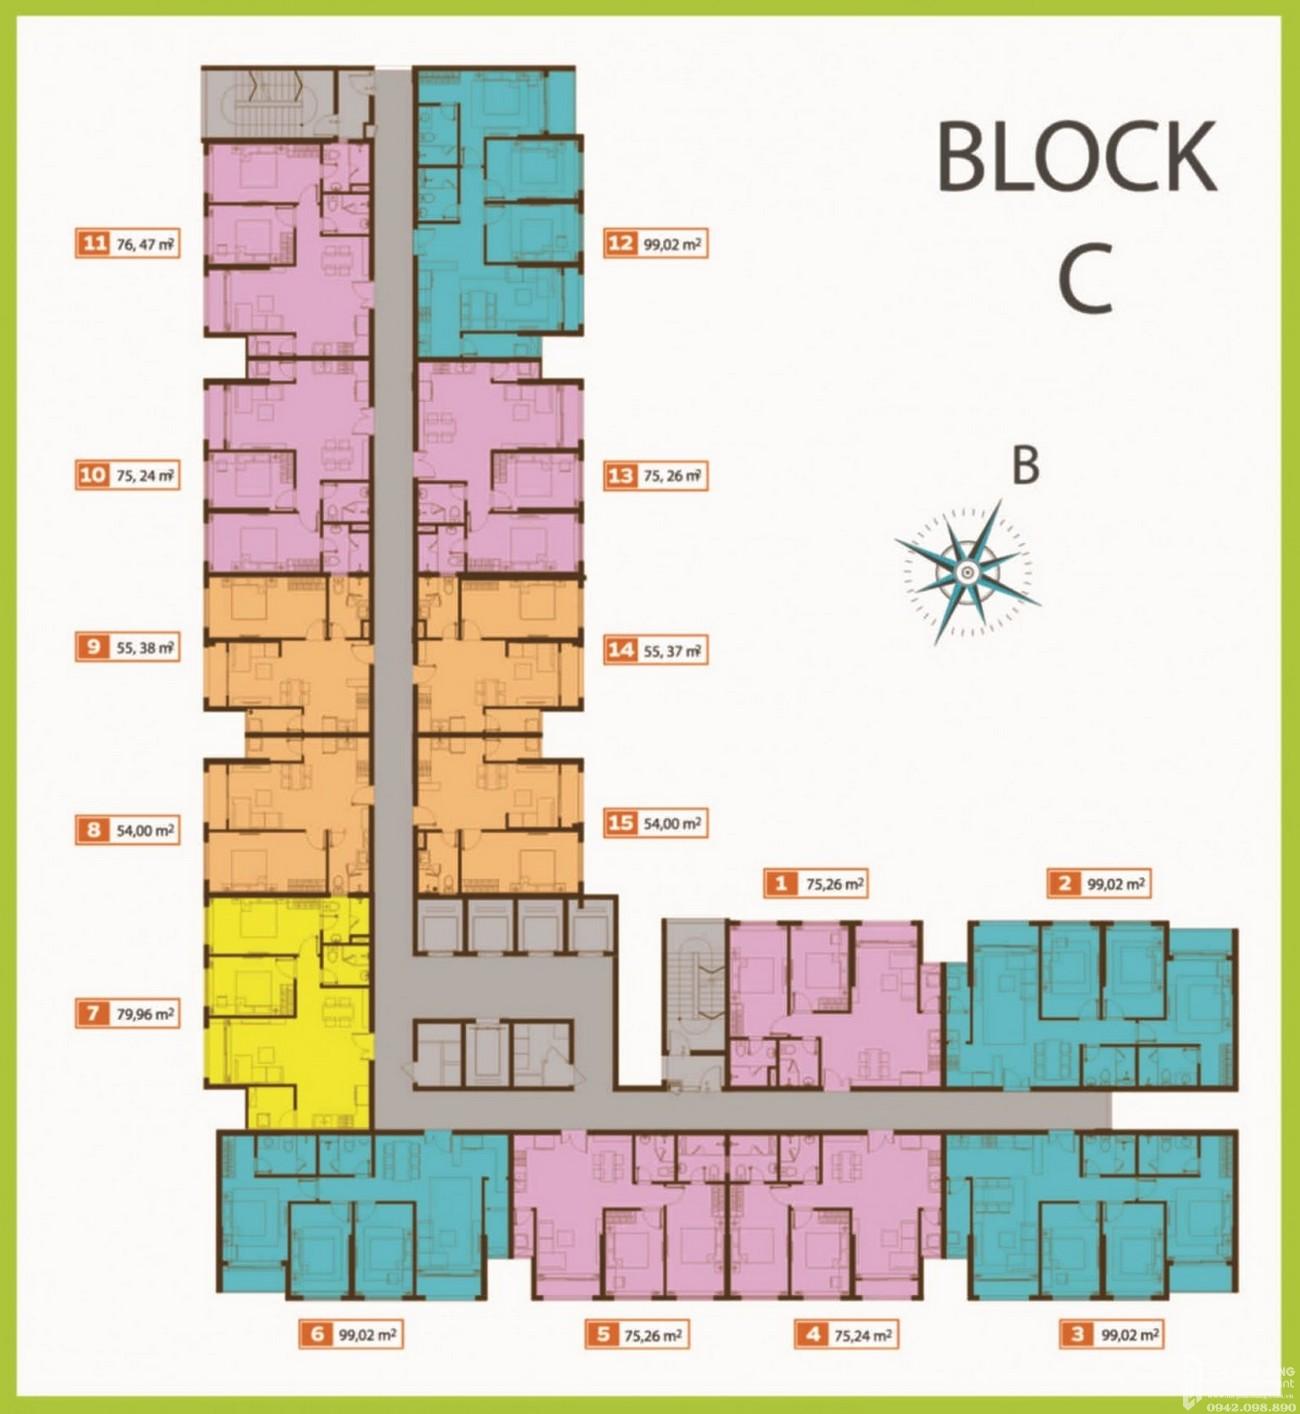 Mặt bằng dự án căn hộ chung cư Palacio Garden Tân Bình Đường 678 Âu Cơ chủ đầu tư Seaprodexsg